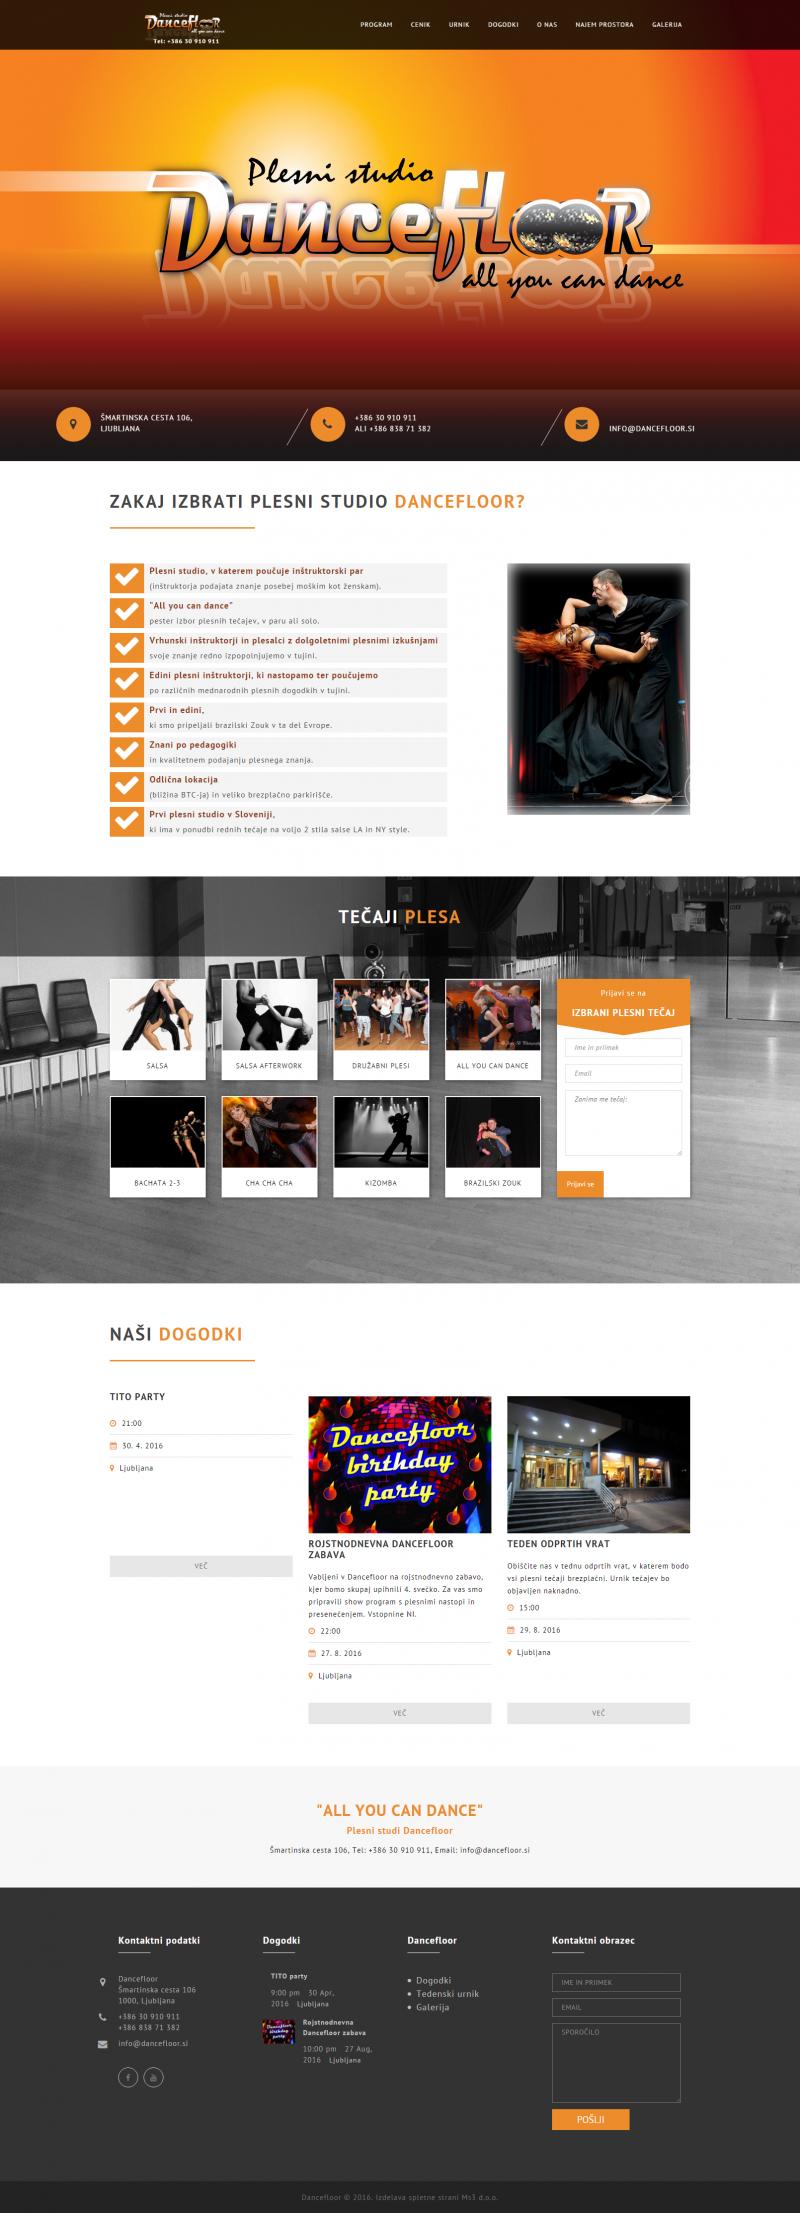 http://www.dancefloor.si/